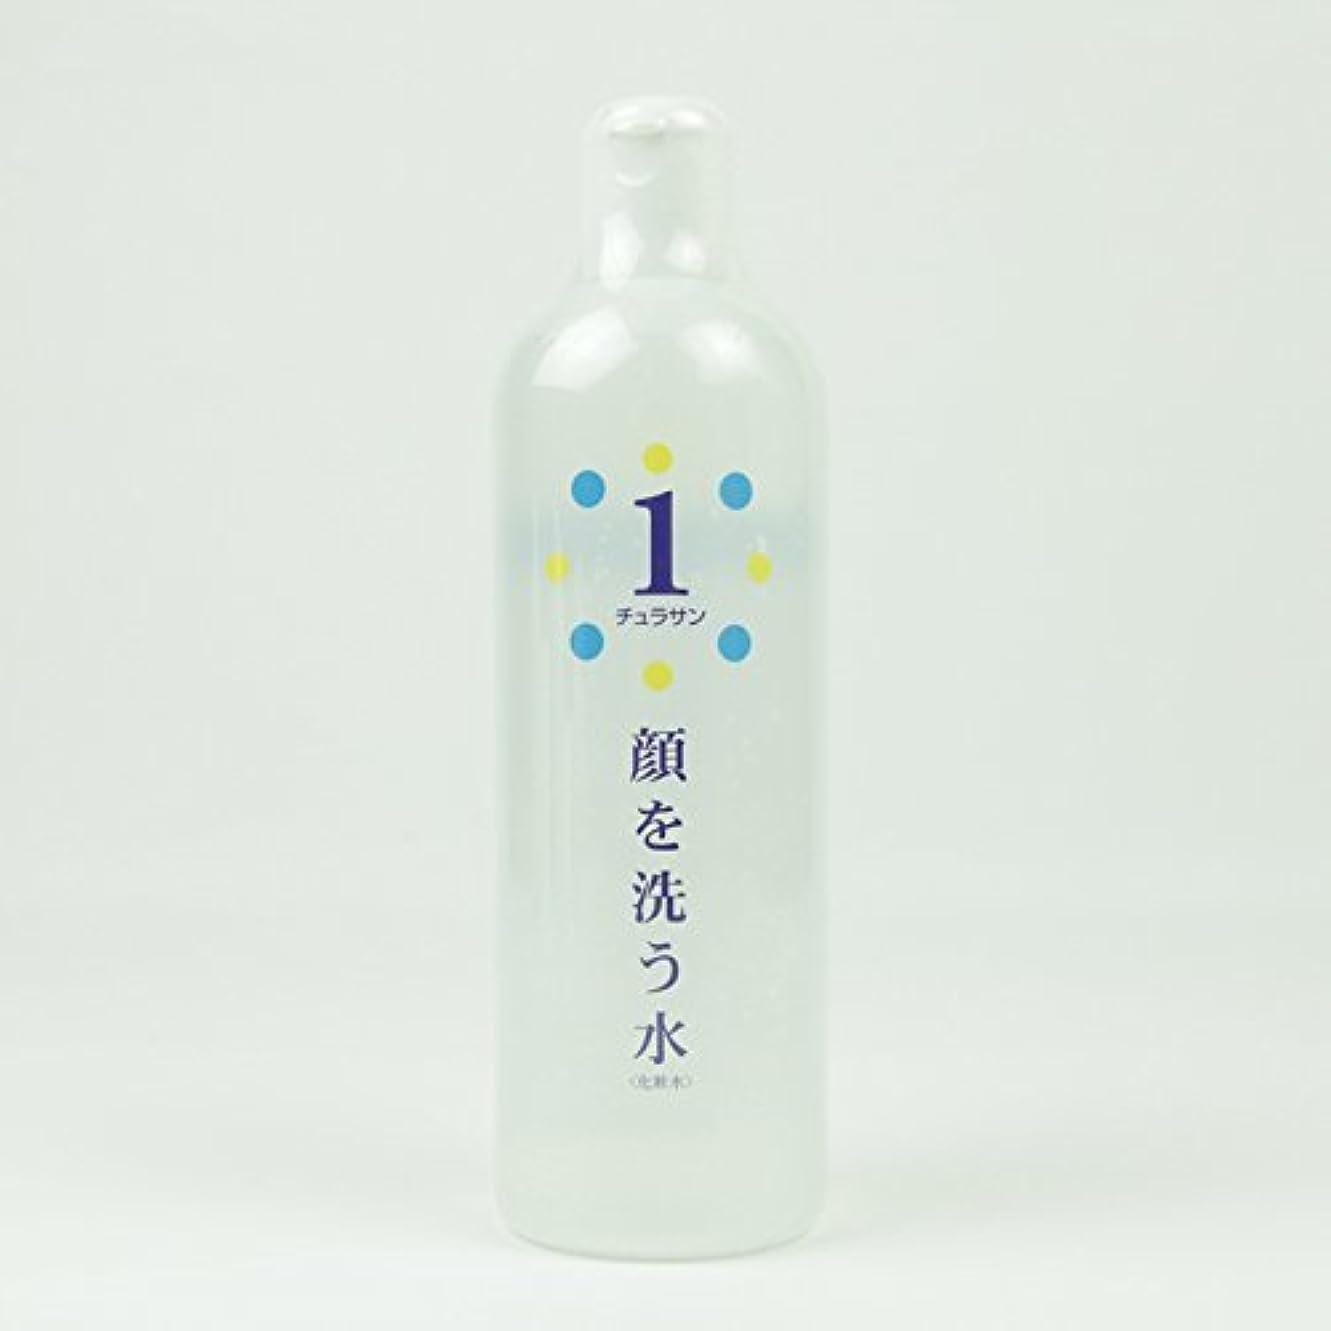 小数ドラフト降ろすチュラサン1 【顔を洗う水】 500ml